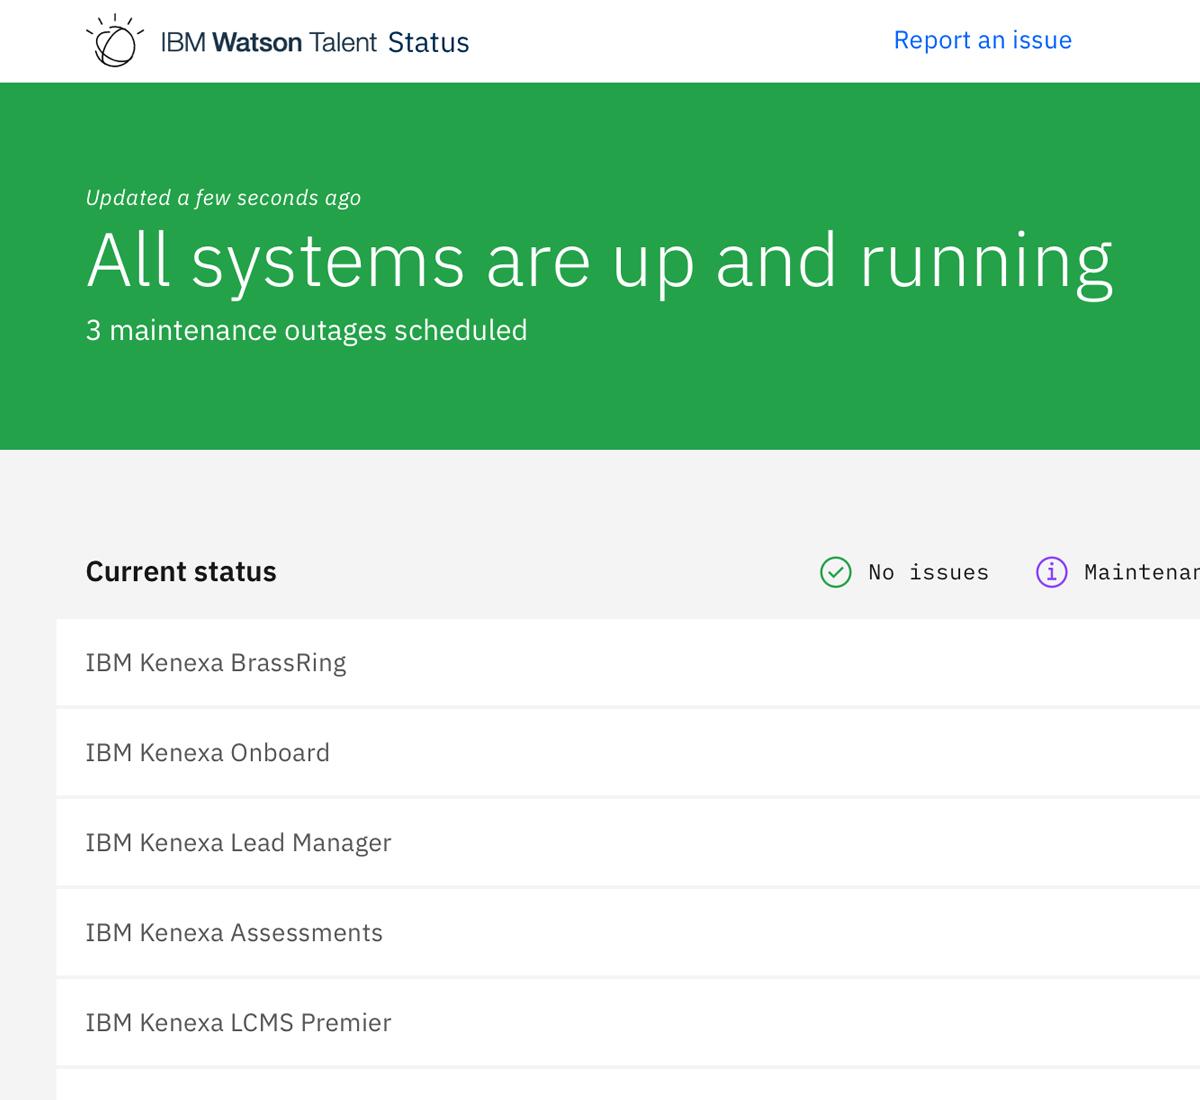 Watson Talent Status Page